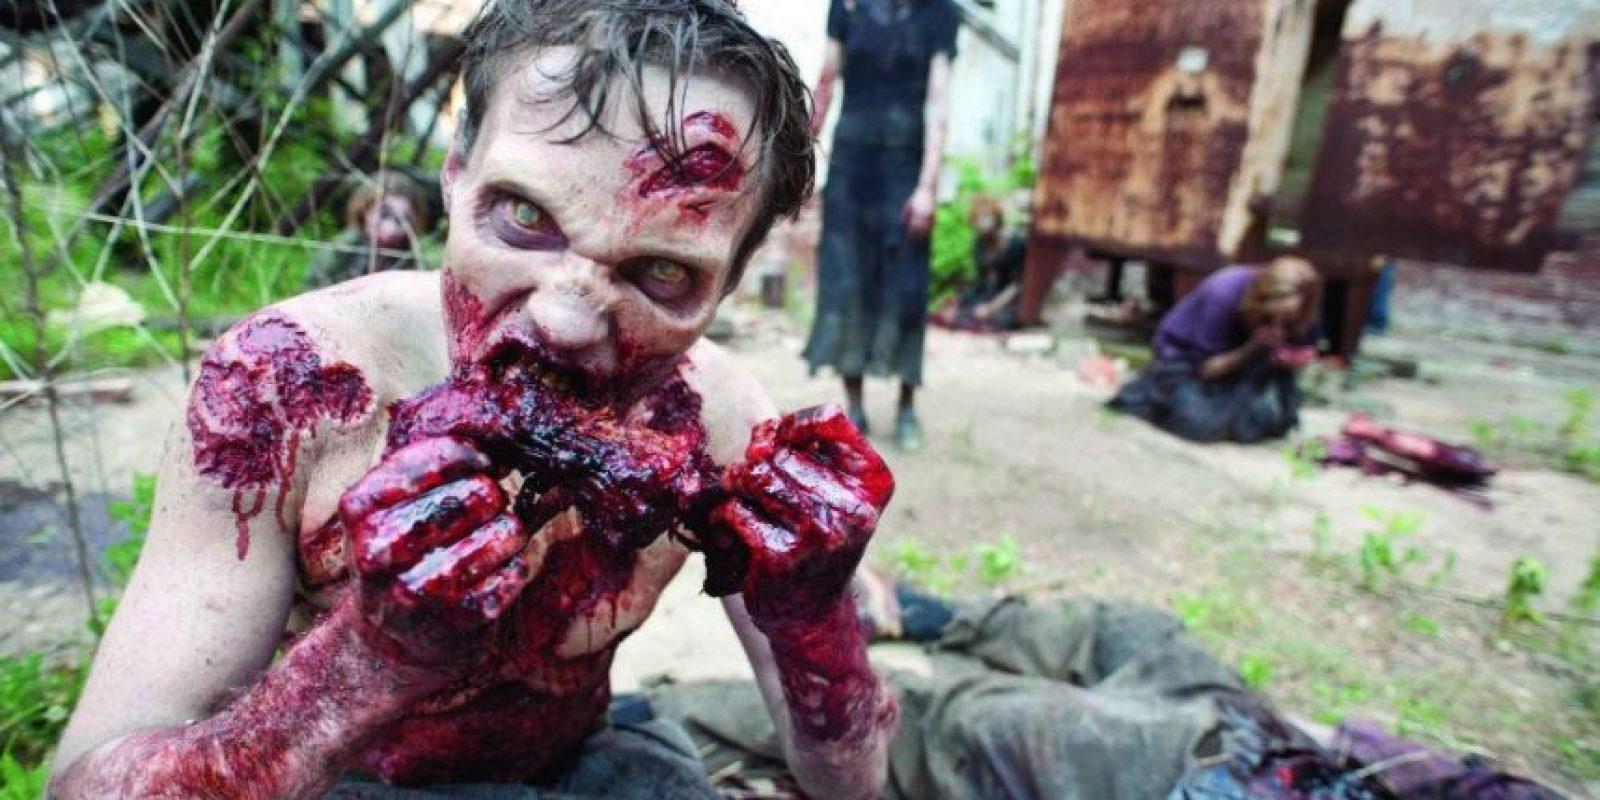 Quedaron muchas dudas en el aire Foto:Facebook The Walking Dead